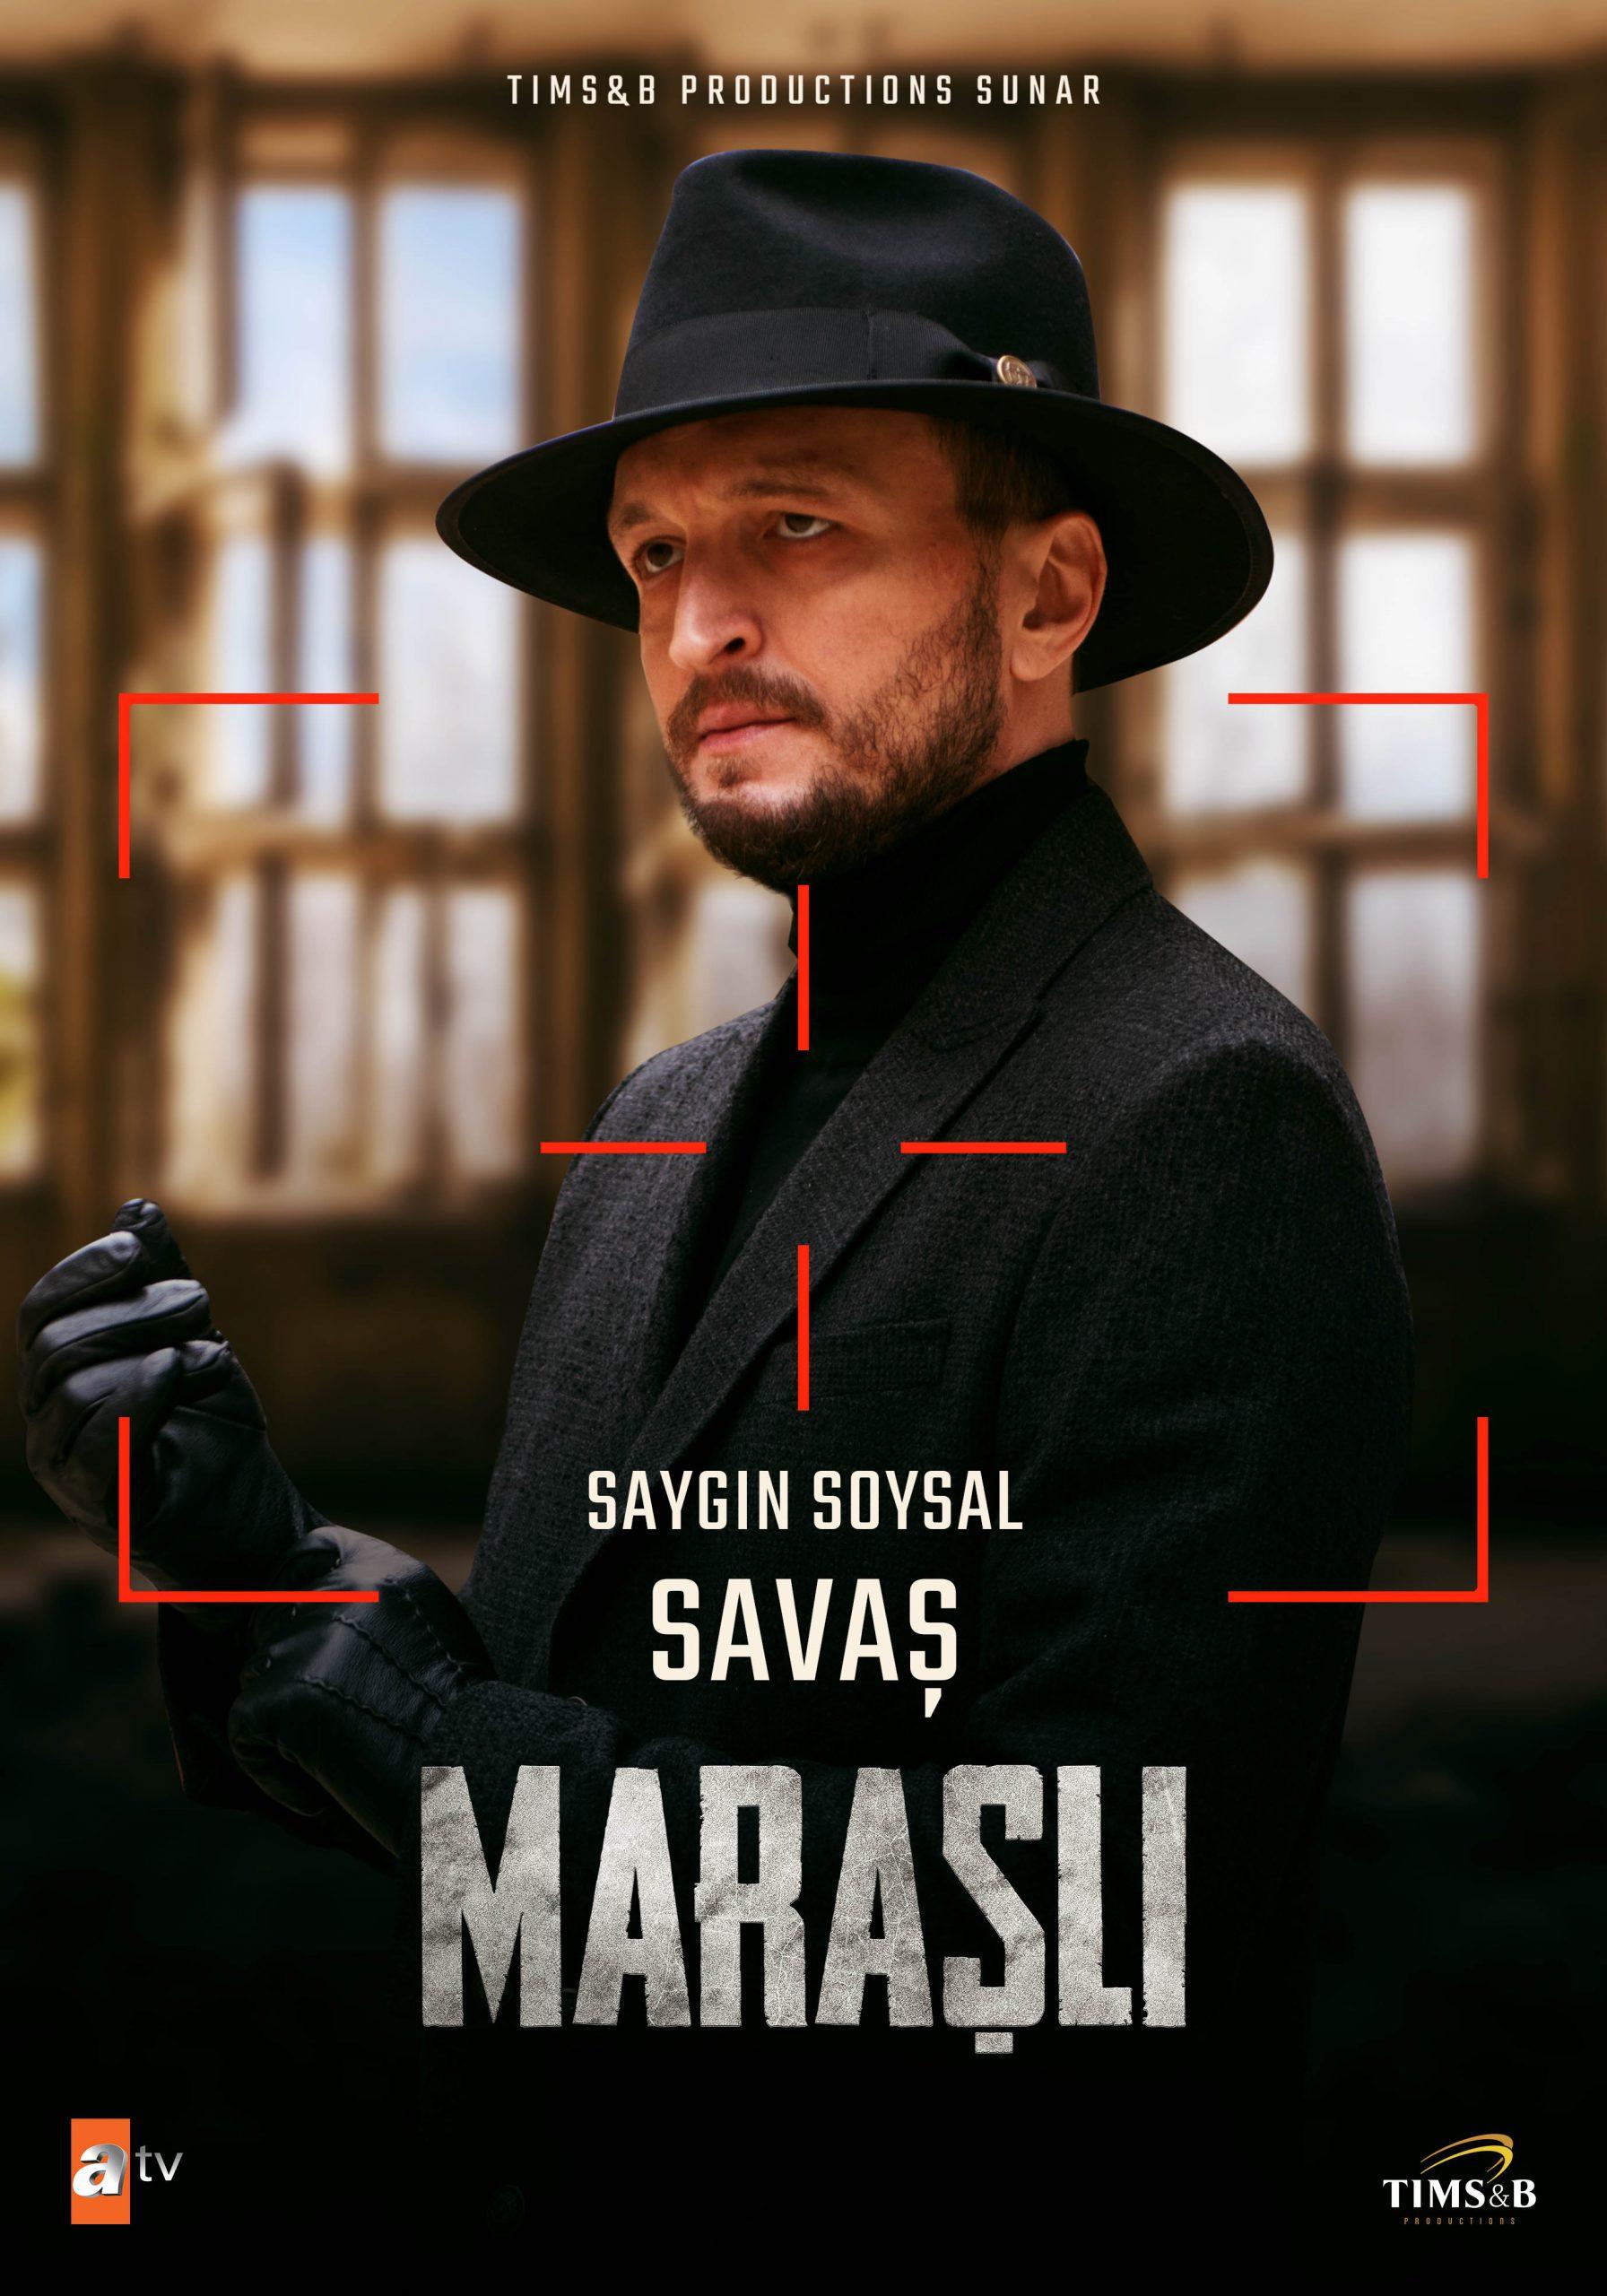 MARASLI_K_SAVAS_M-scaled